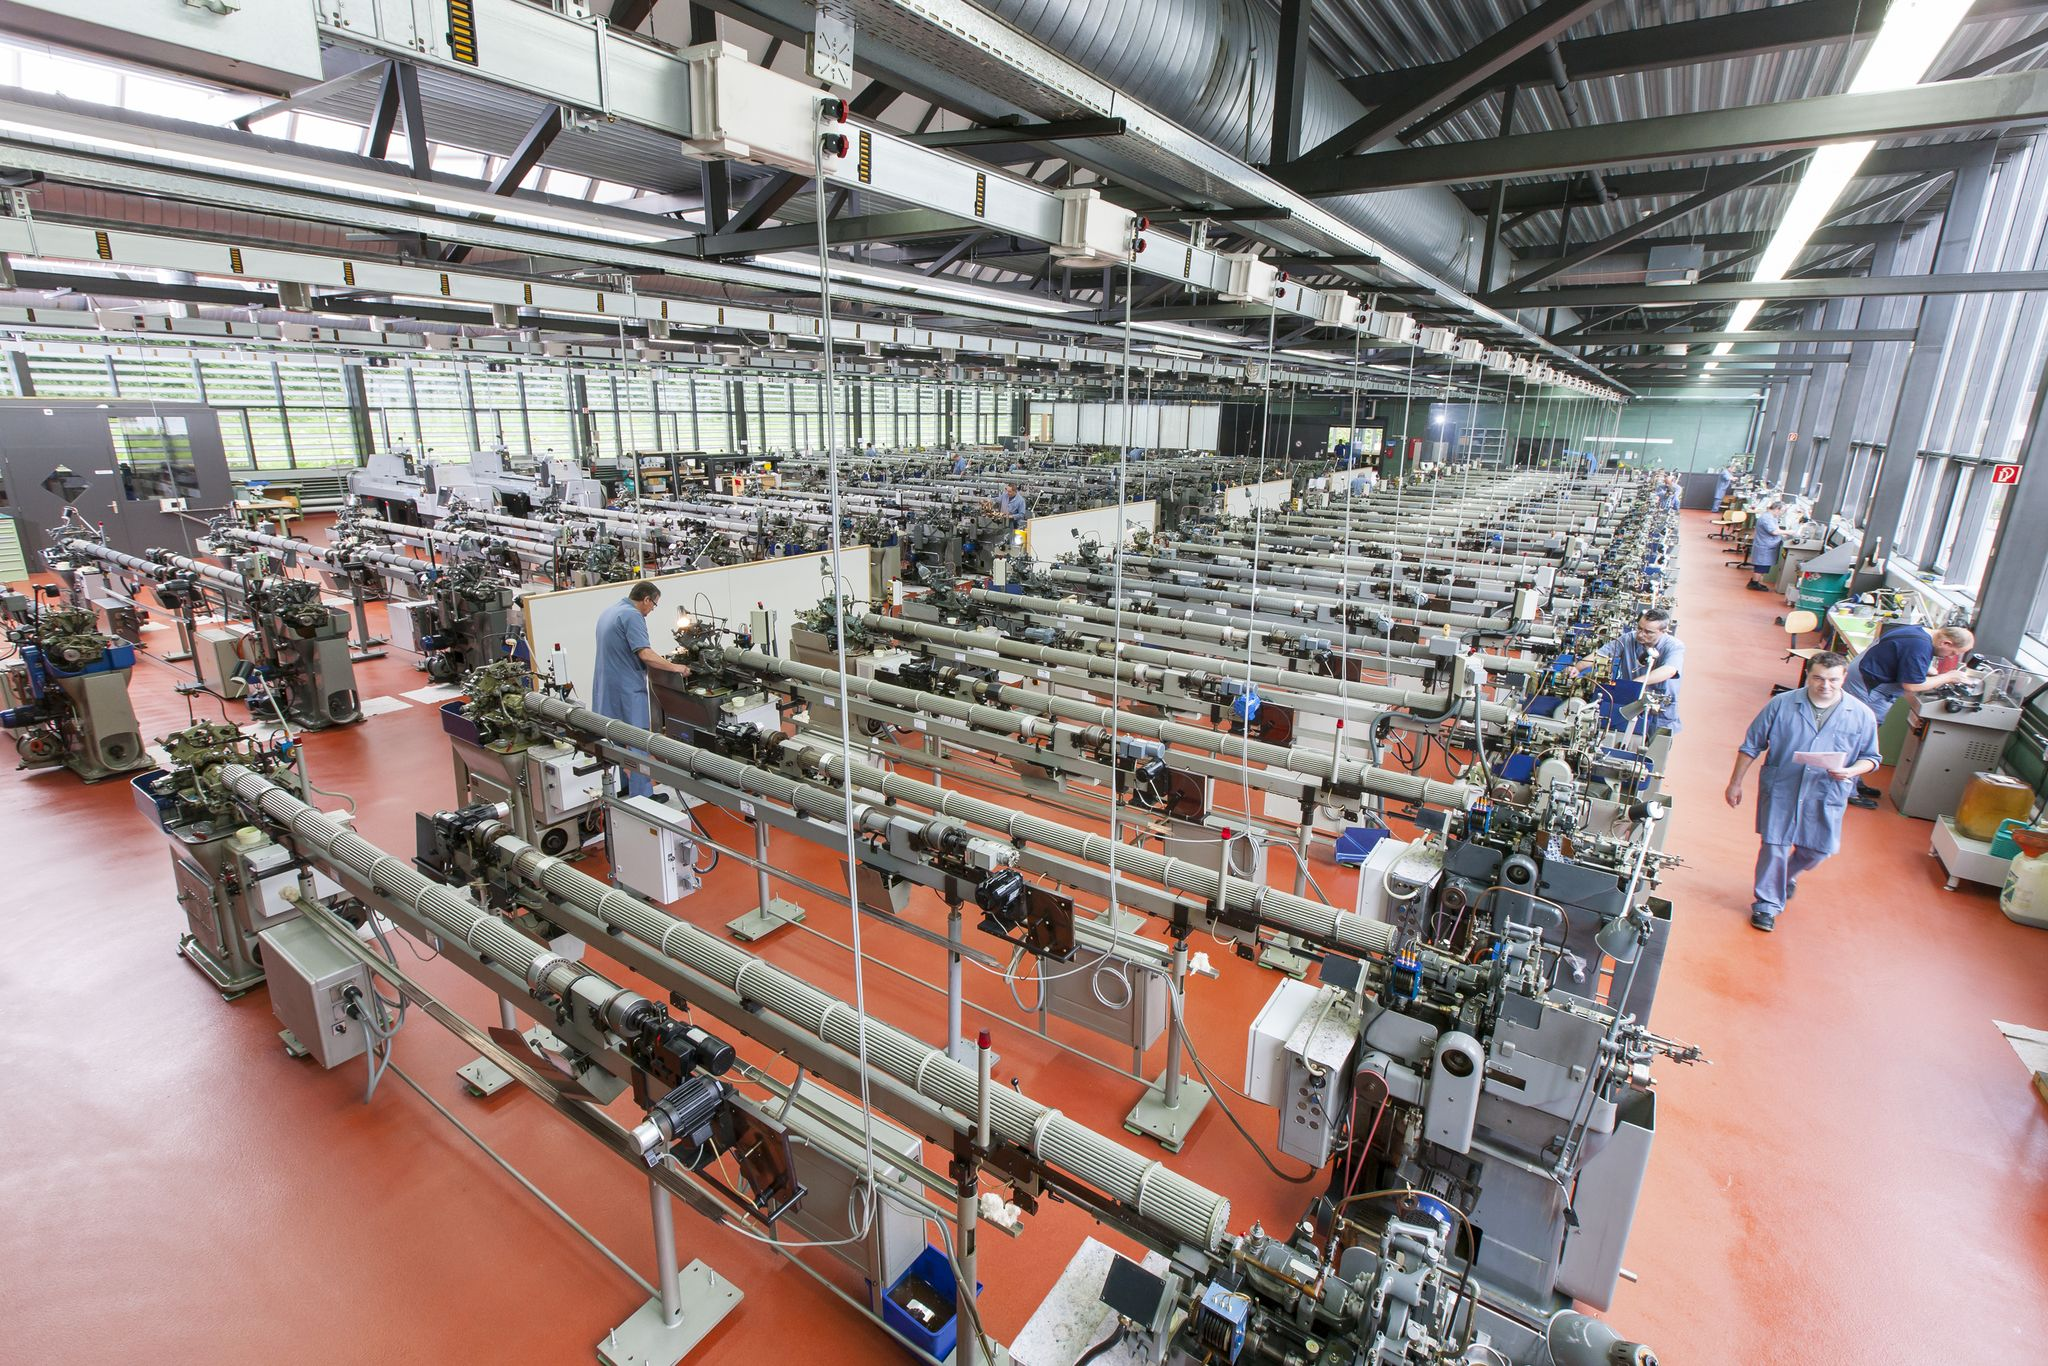 Ronda Uhrewerkproduktion in Lausen